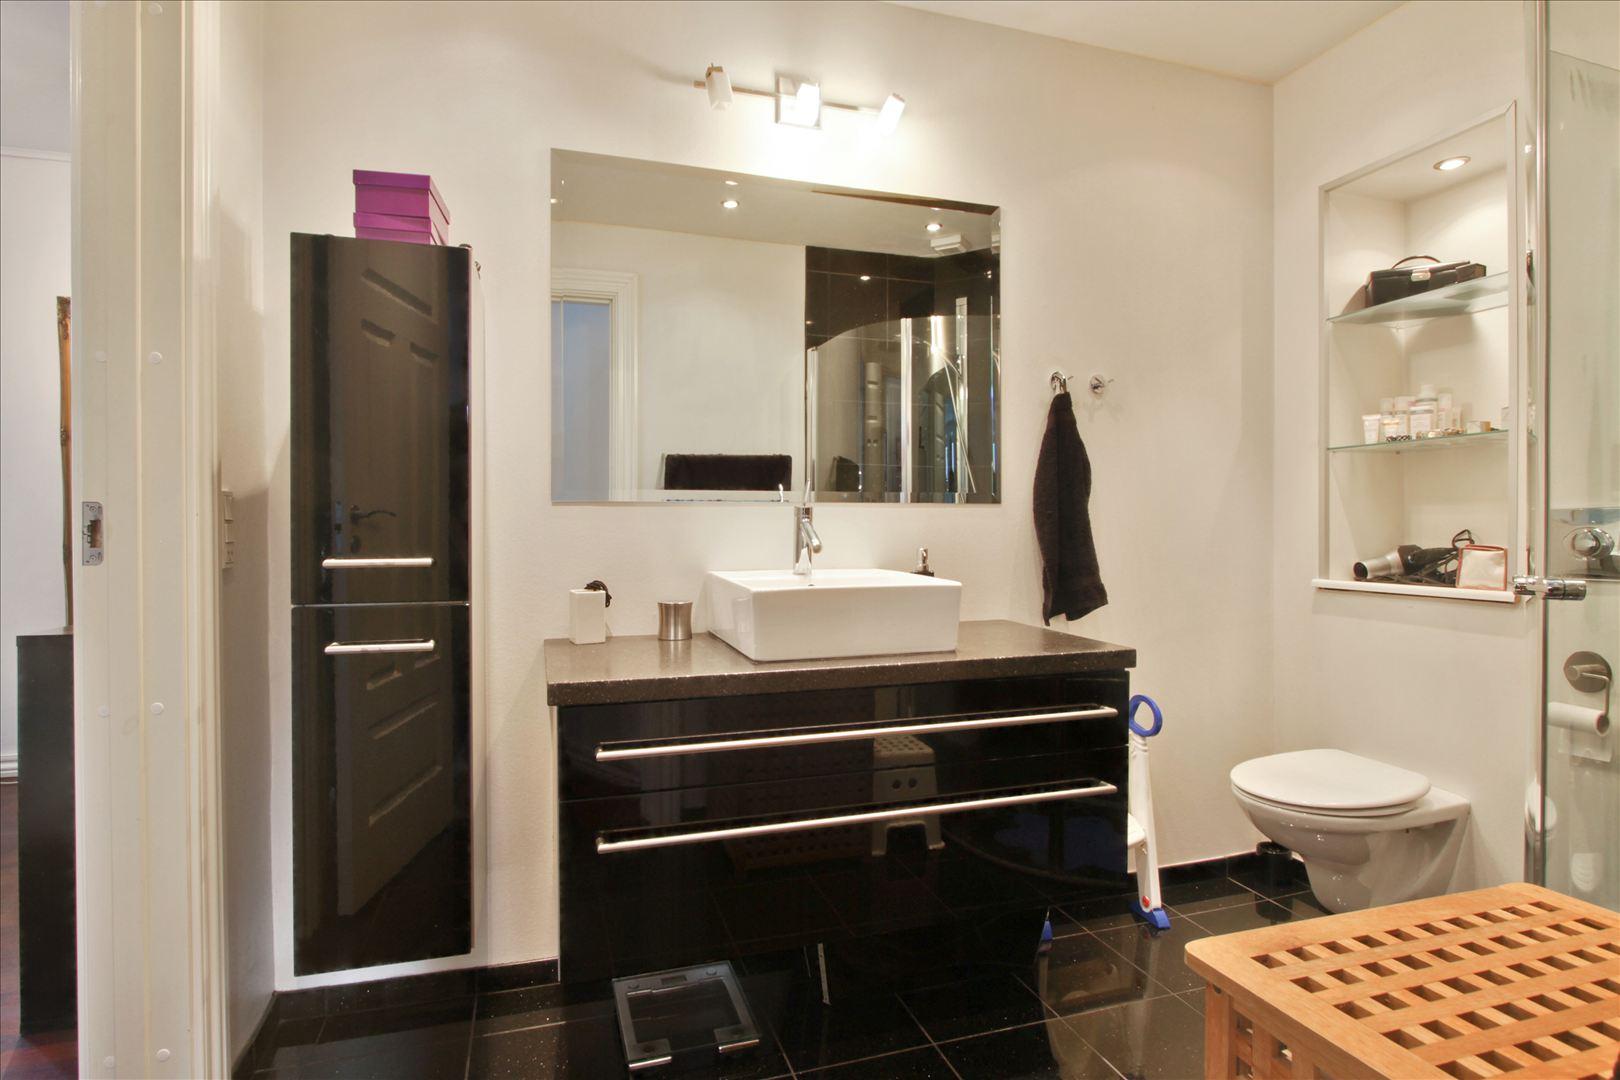 Lækkert badeværelse med black galaxy granit på gulvet og væggen i badet.